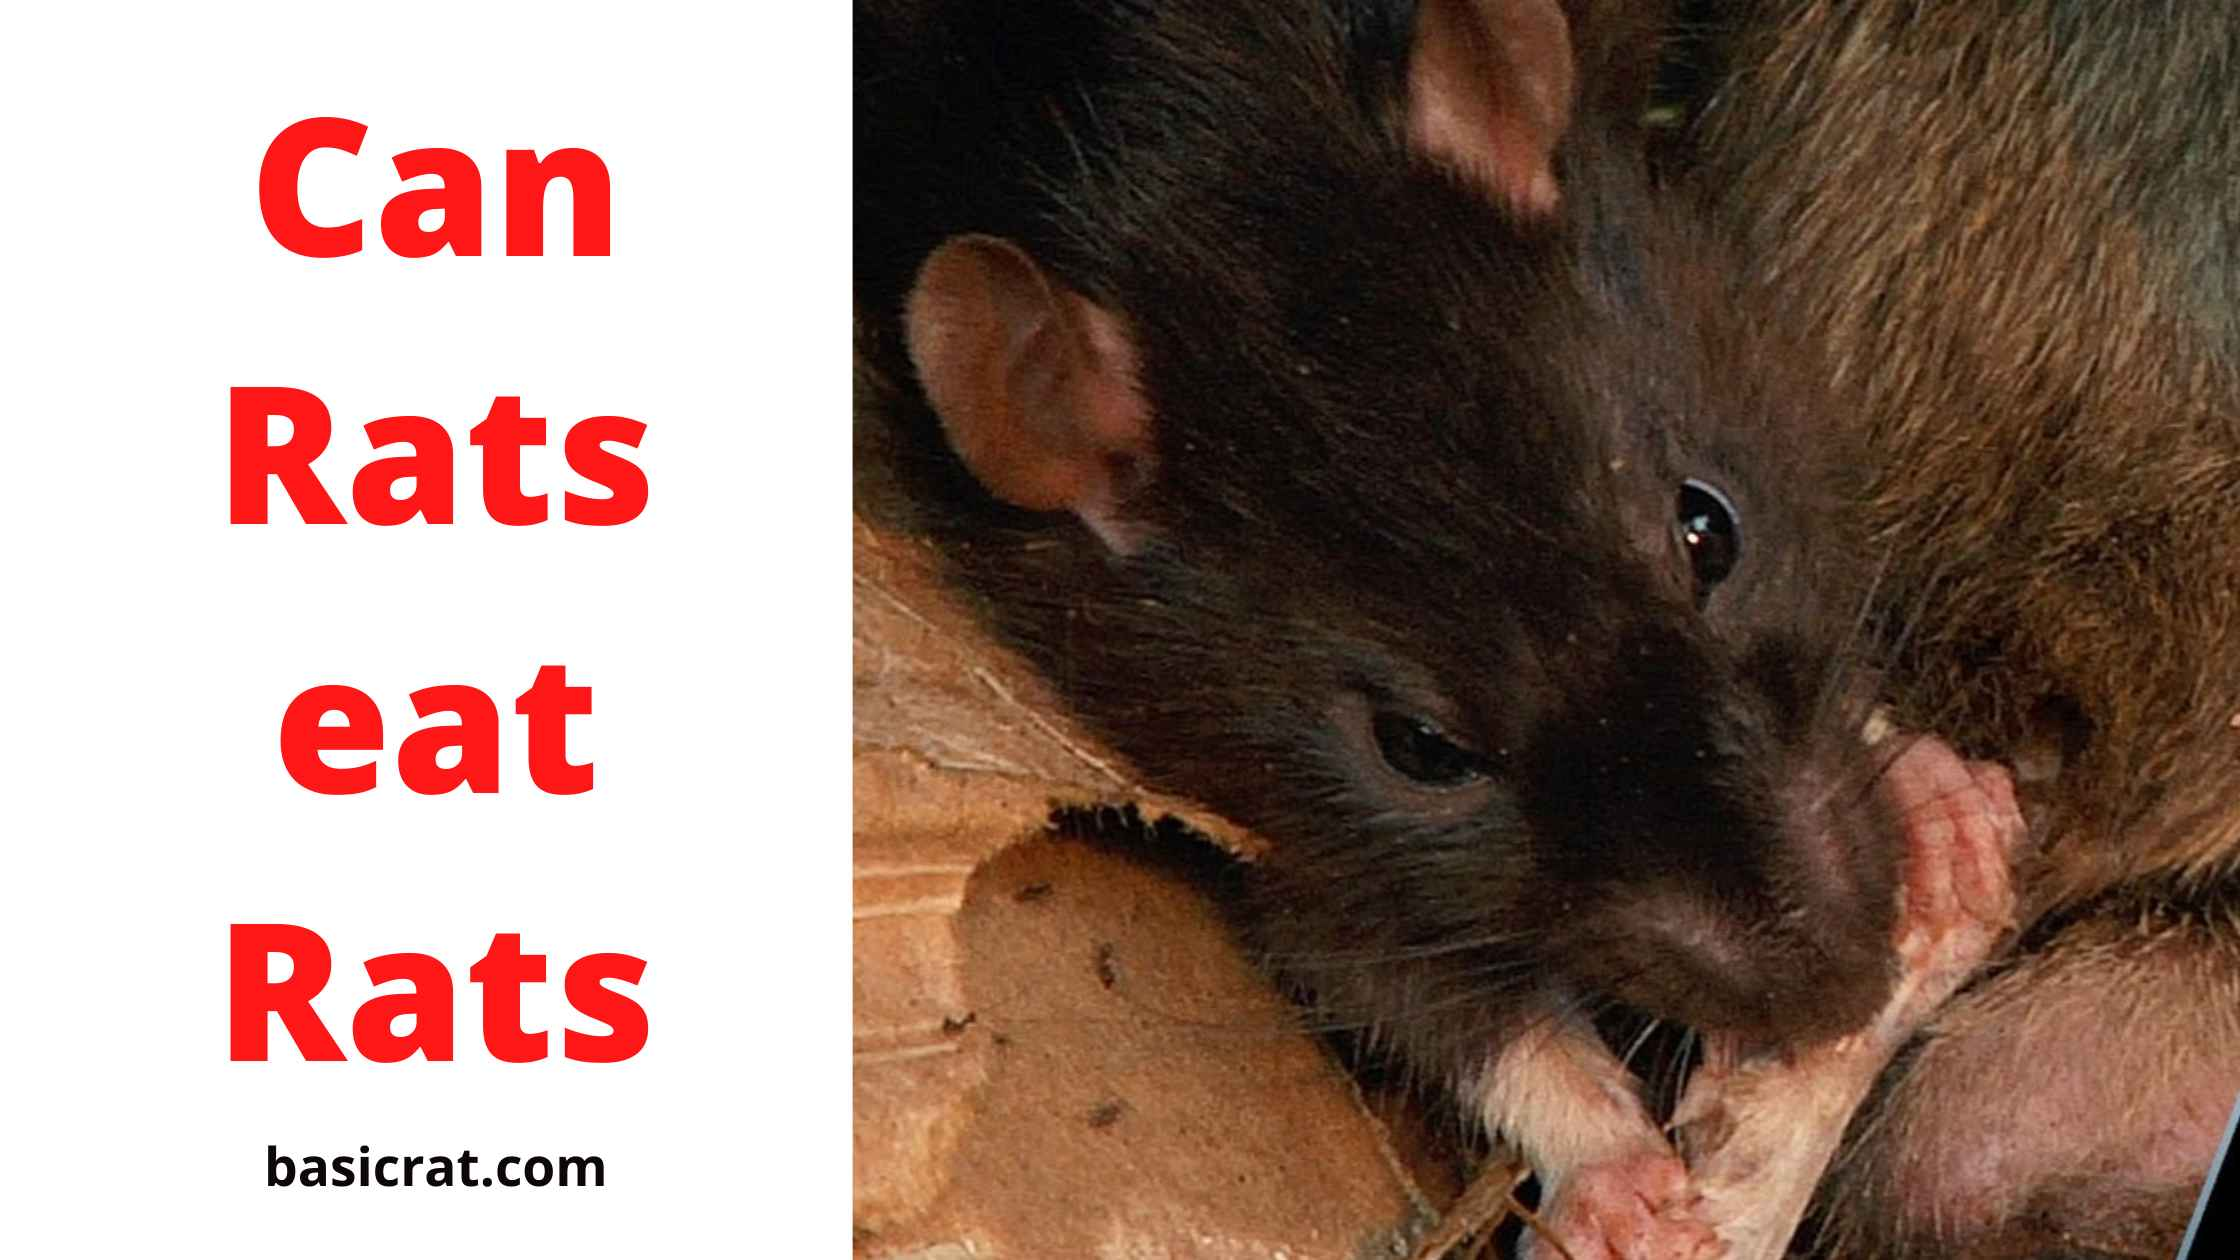 Can Rats eat Rats